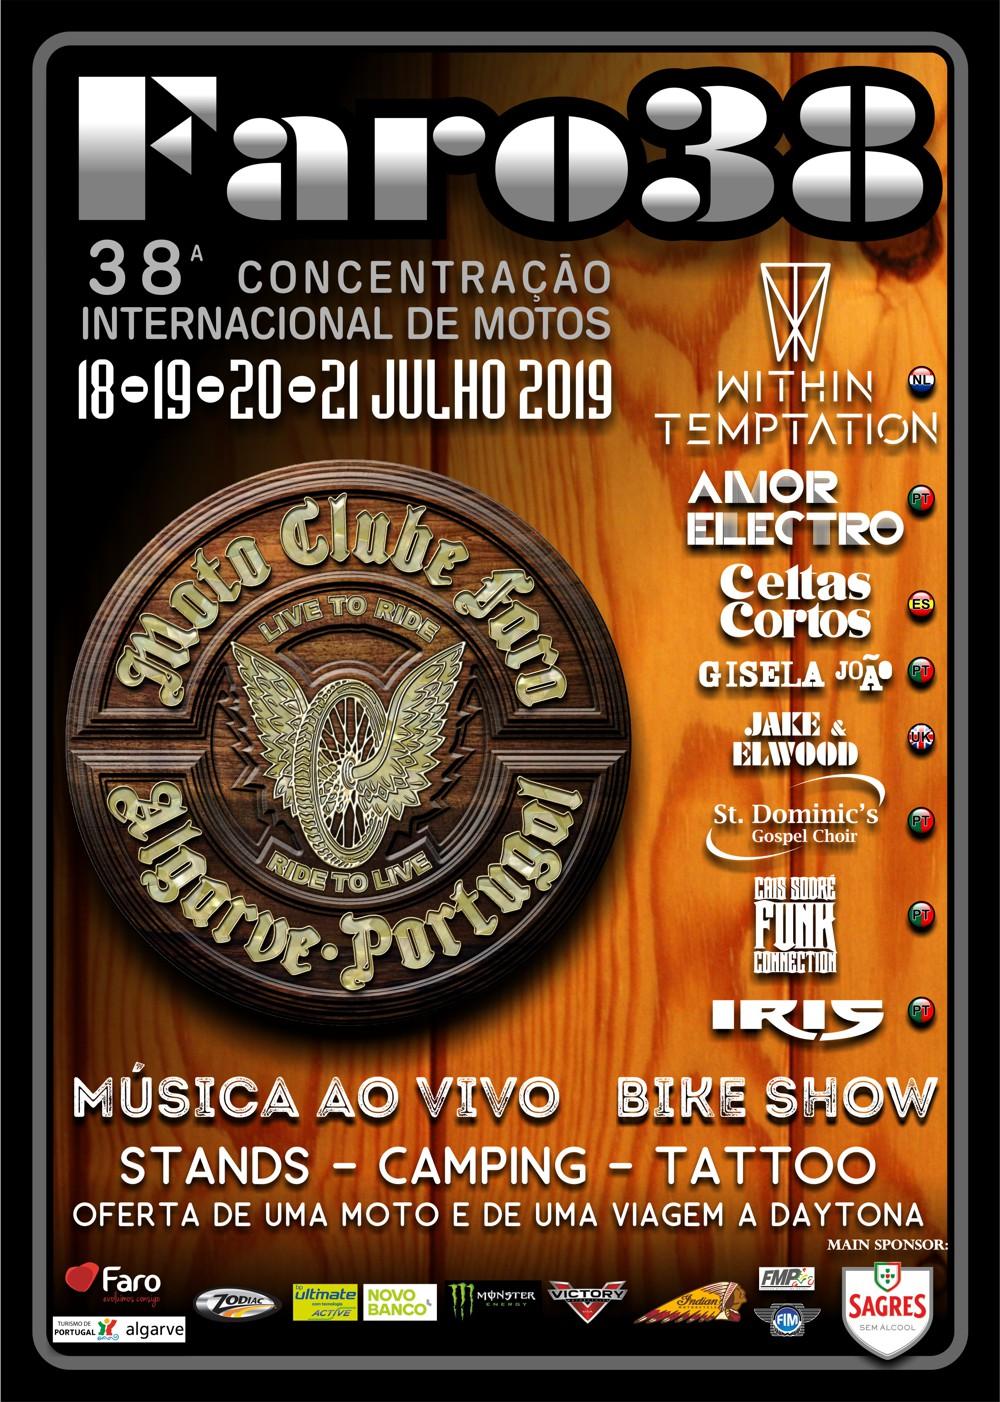 Concentração Internacional de Faro 2019  Cartaz10